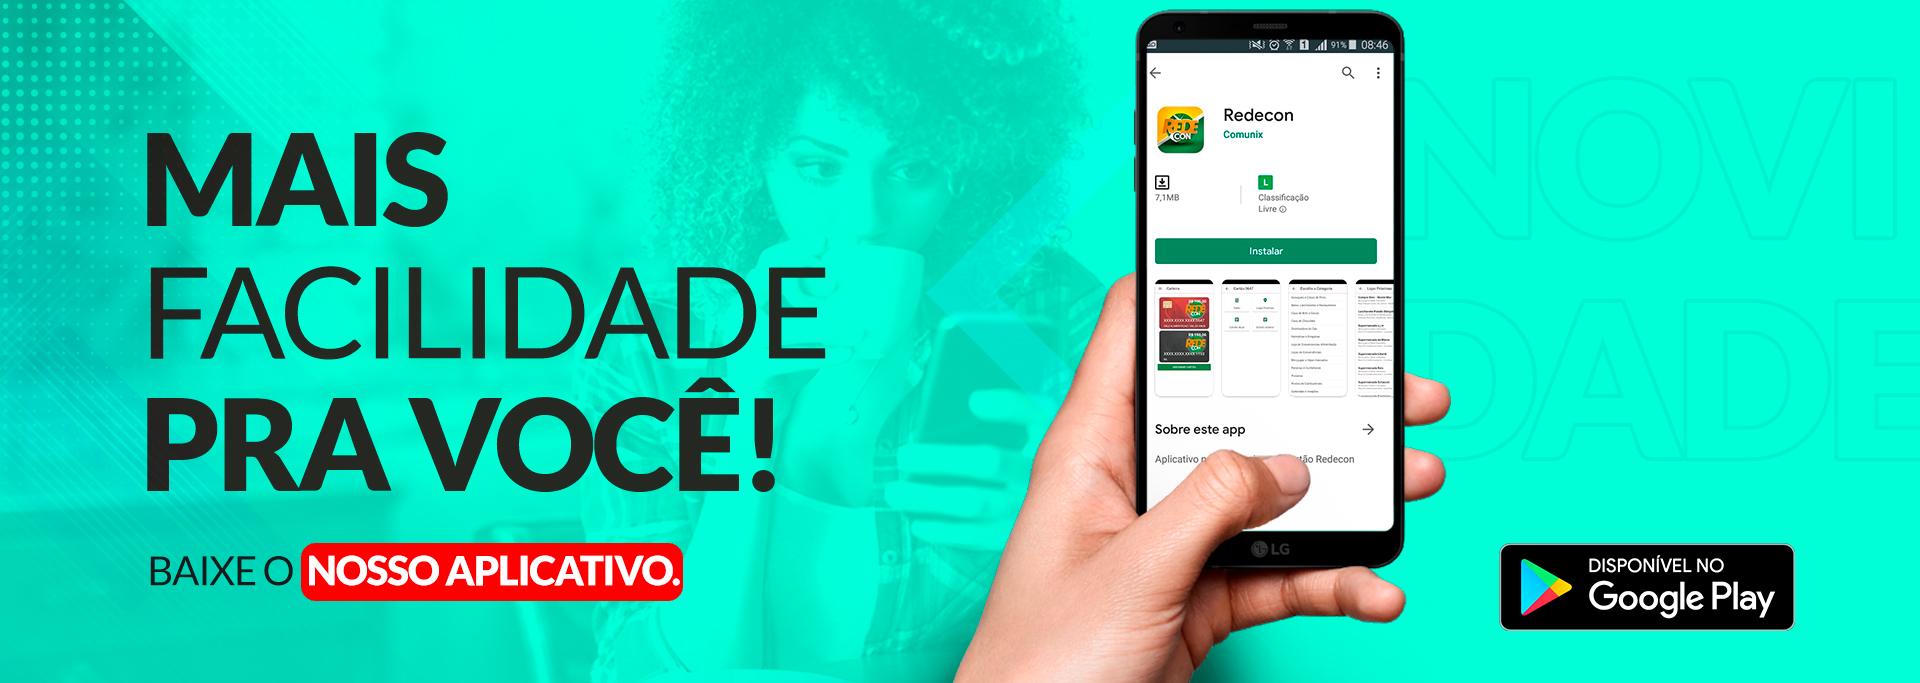 Banner Redecon App - Mais Facilidade para Você!